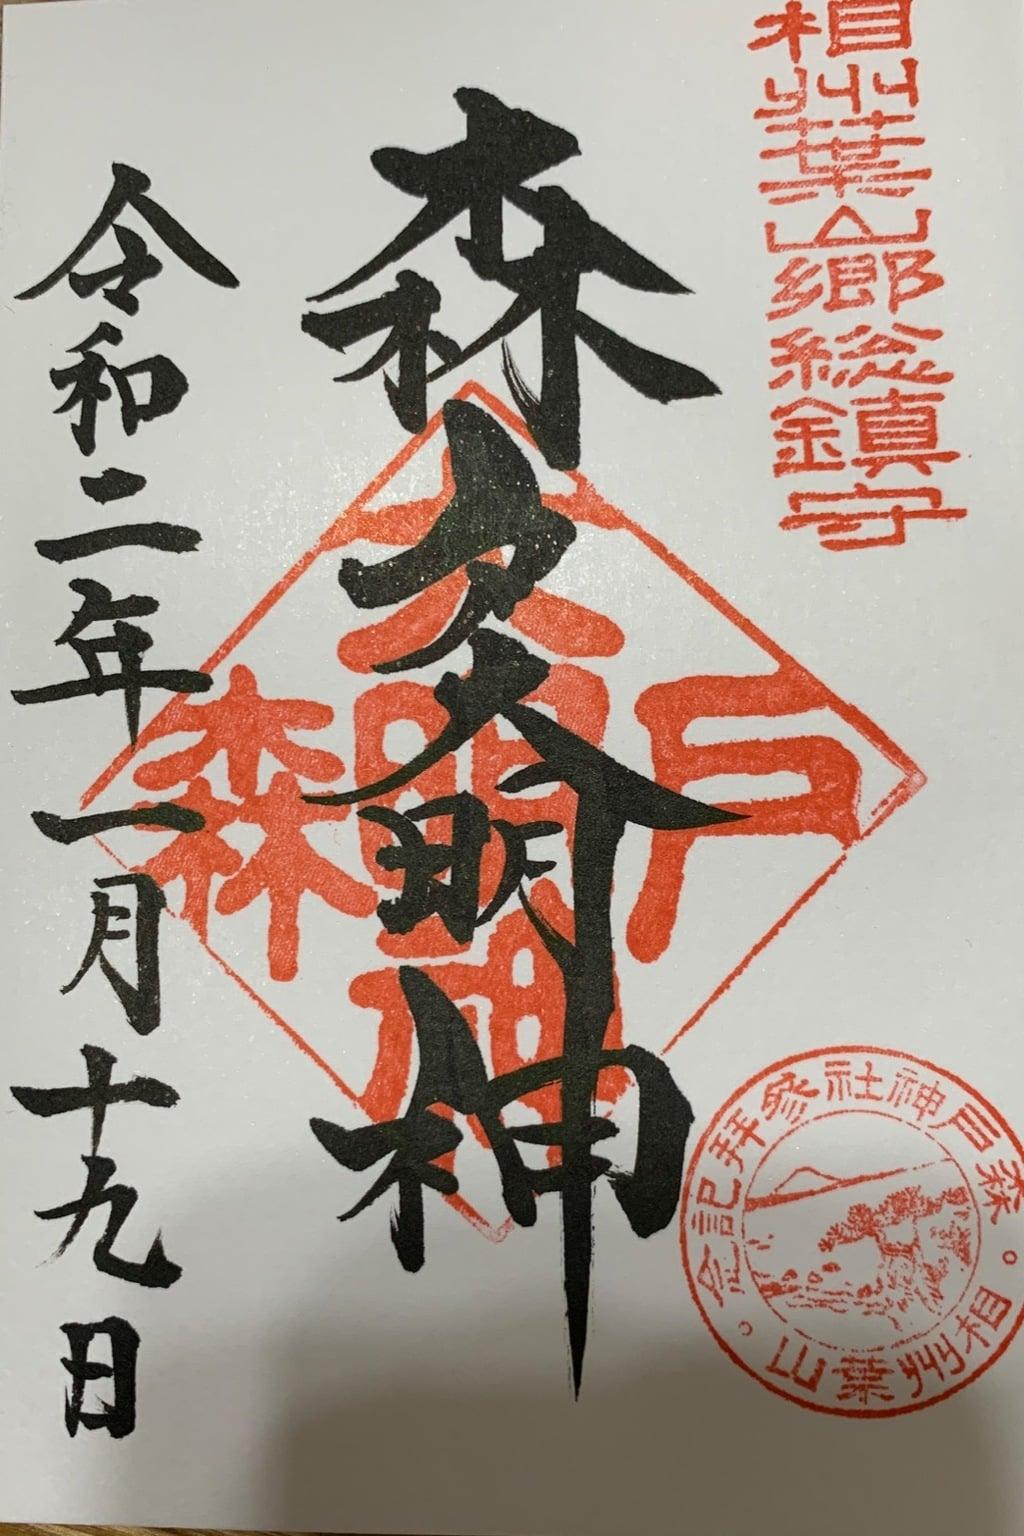 森戸大明神(森戸神社)の御朱印